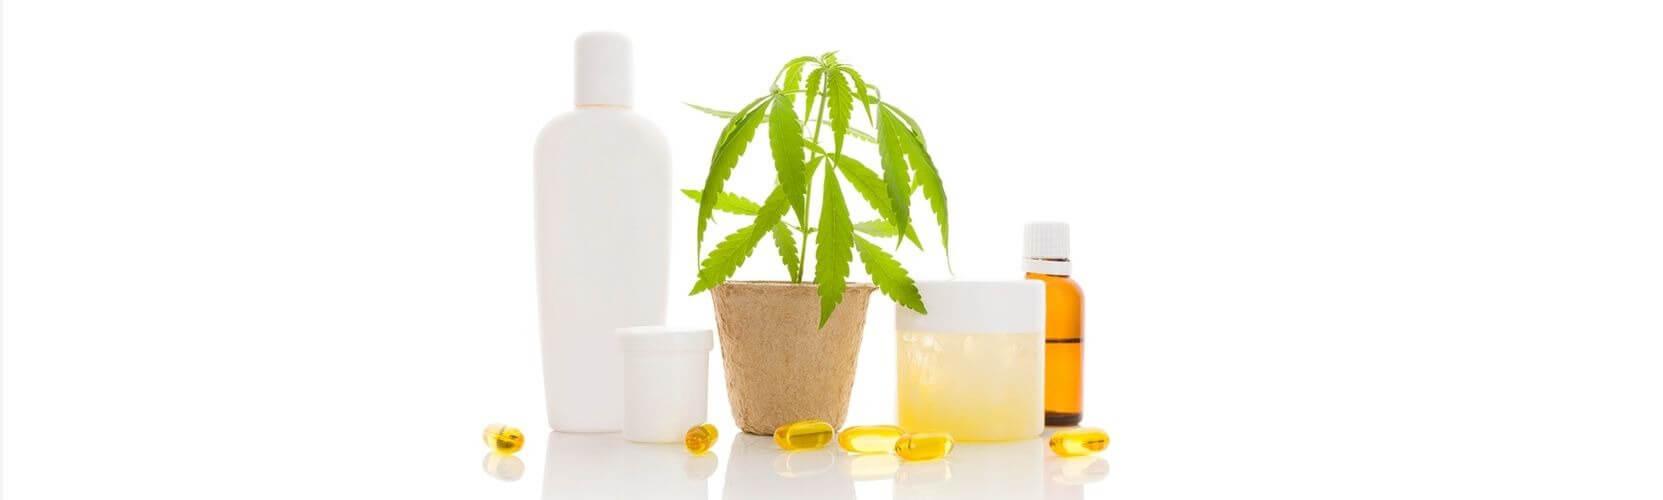 cannabis shampoo